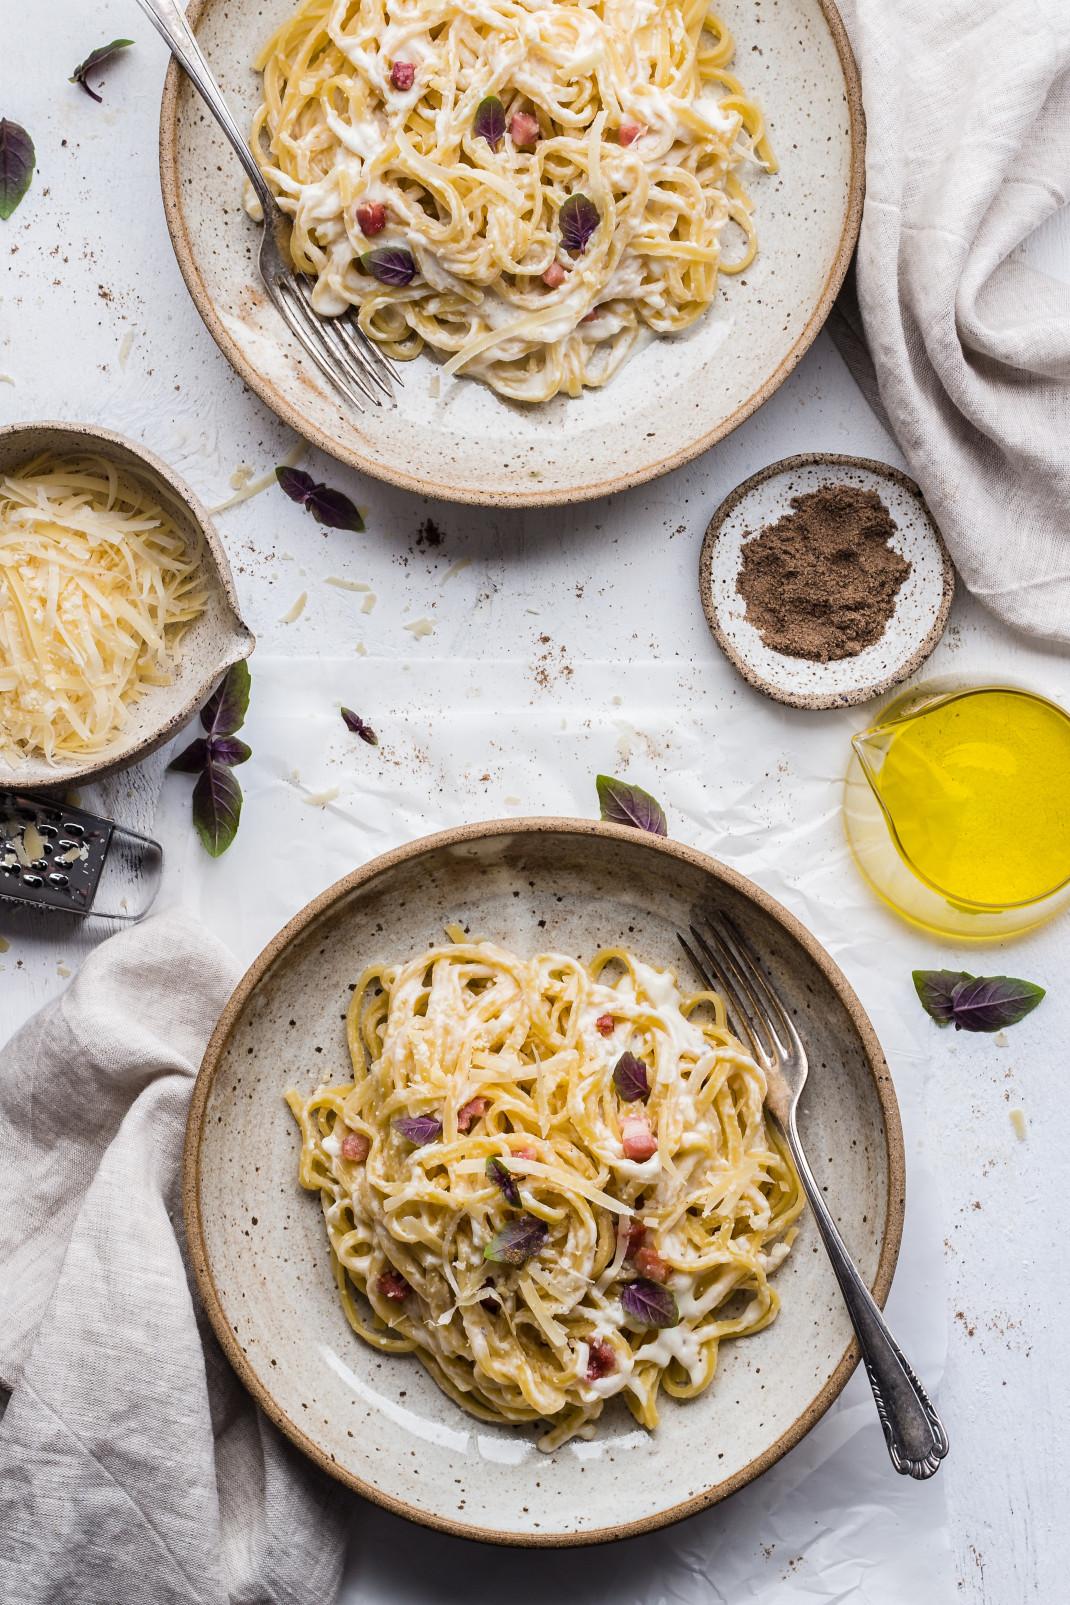 Πιάτα με ζυμαρικά σε τραπέζι